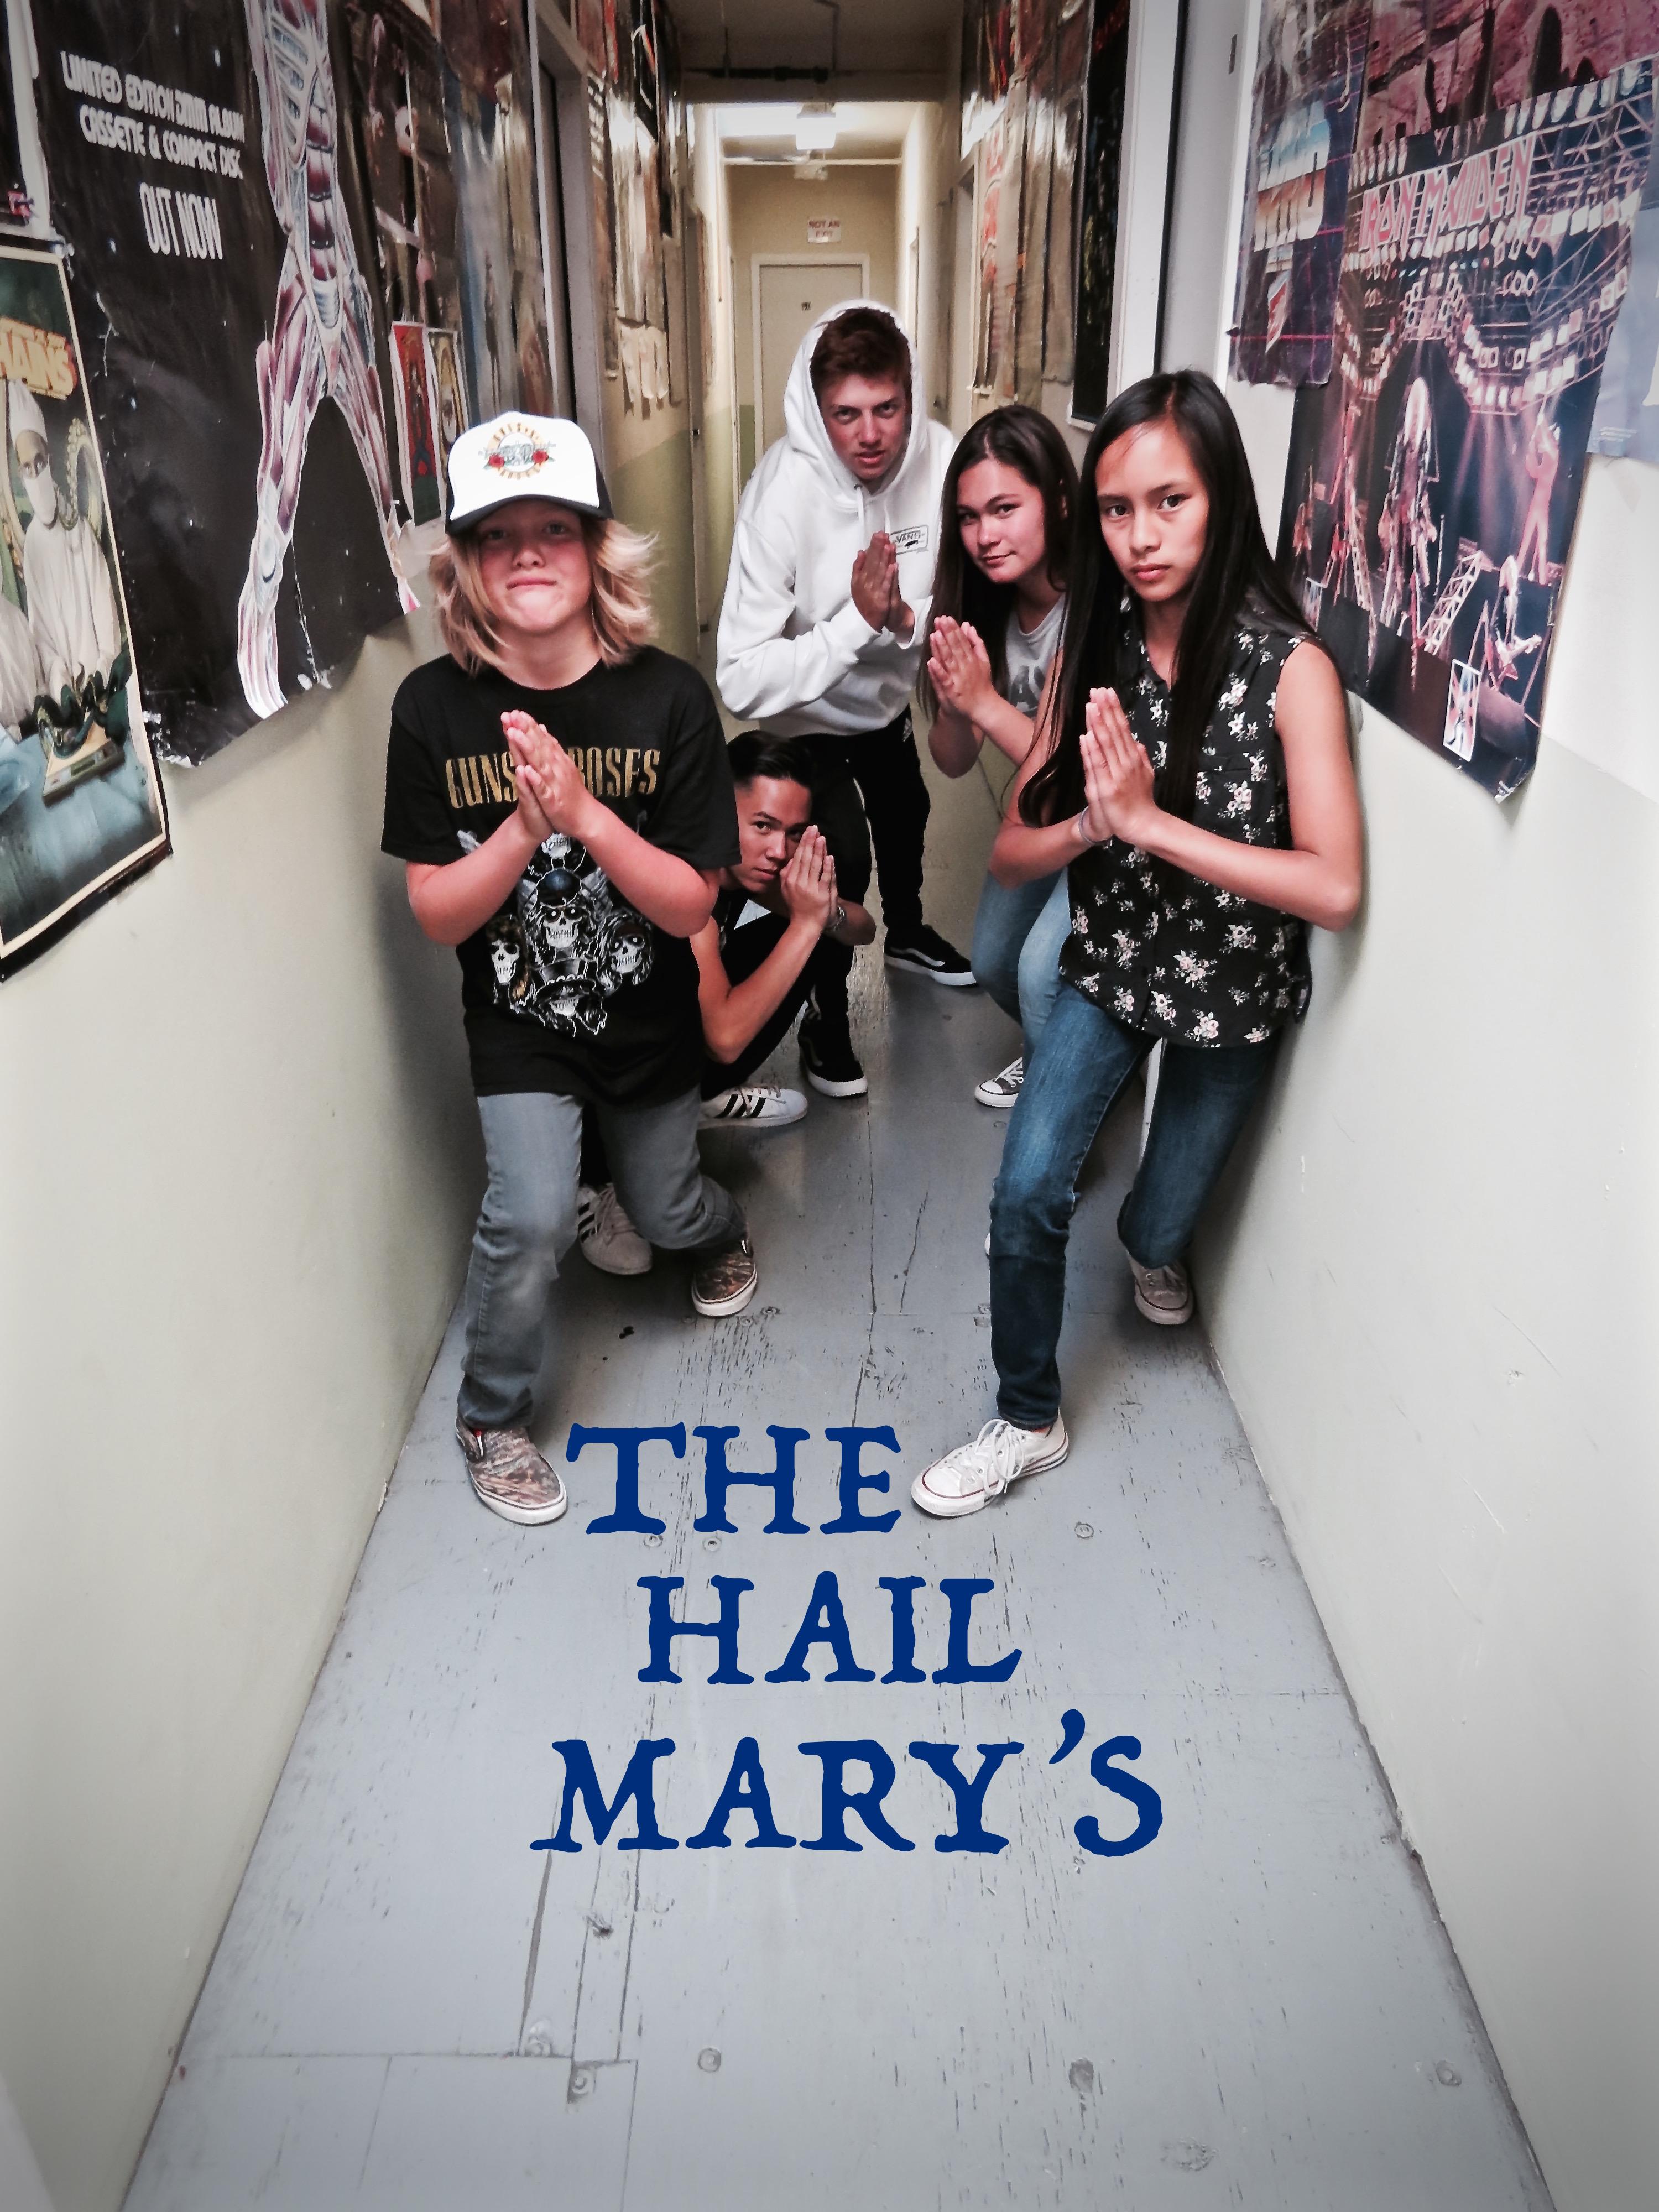 The Hail Mary's